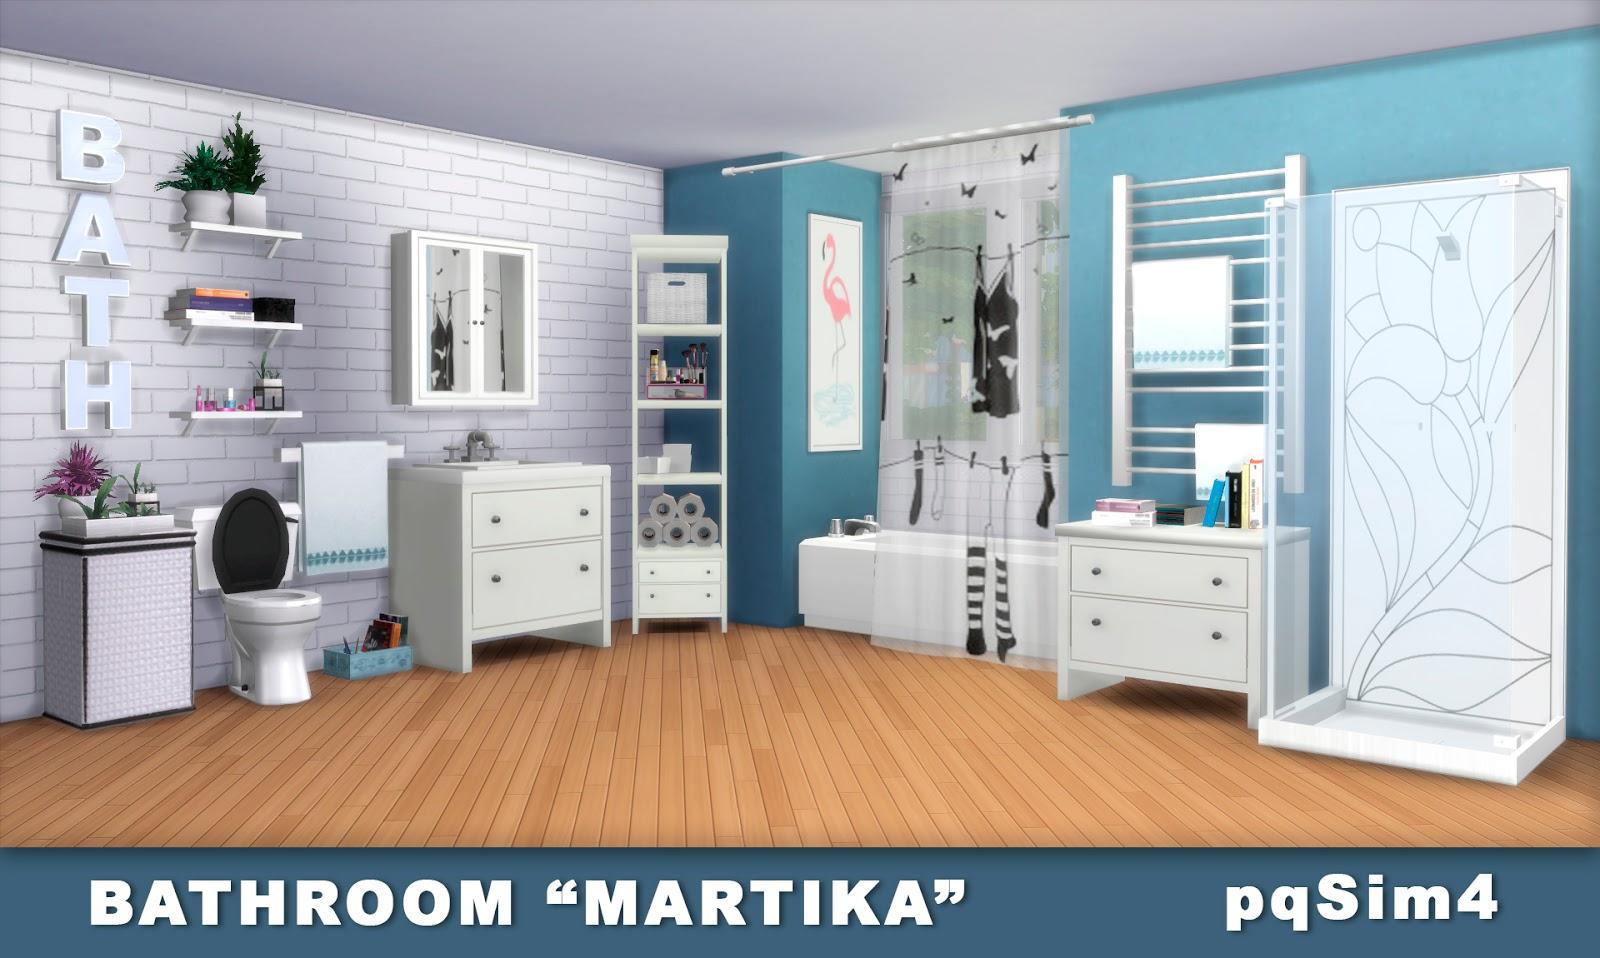 Bathroom Quot Martika Quot Sims 4 Custom Content